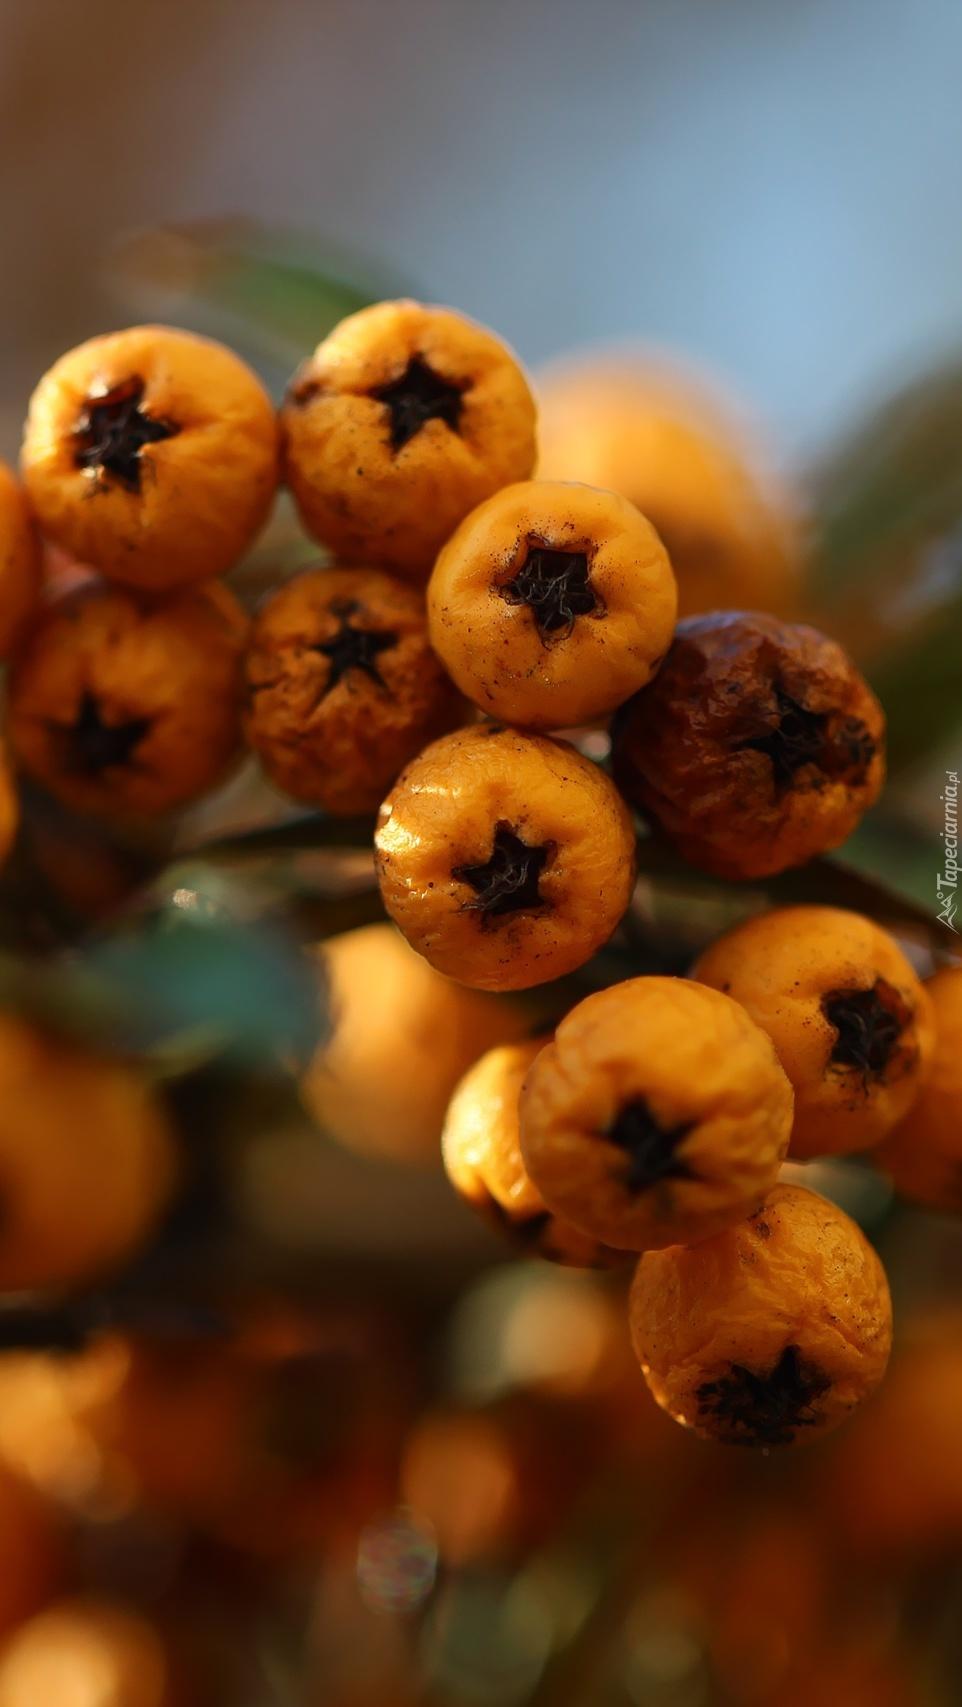 Pomarszczone owoce ognika szkarłatnego